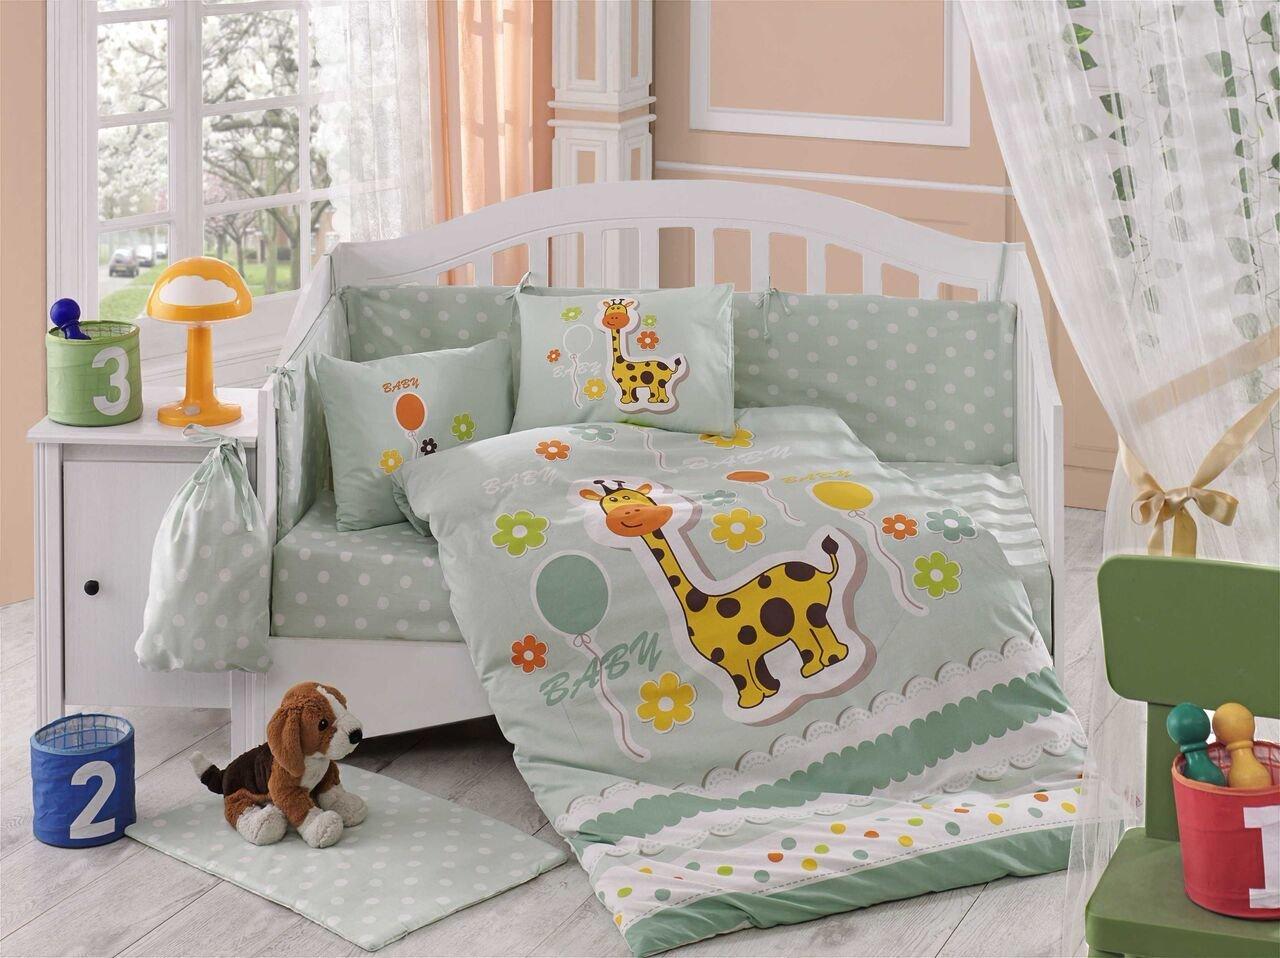 Постільна білизна для новонароджених в Києві  інтернет магазин ... 1f252884ea2a0